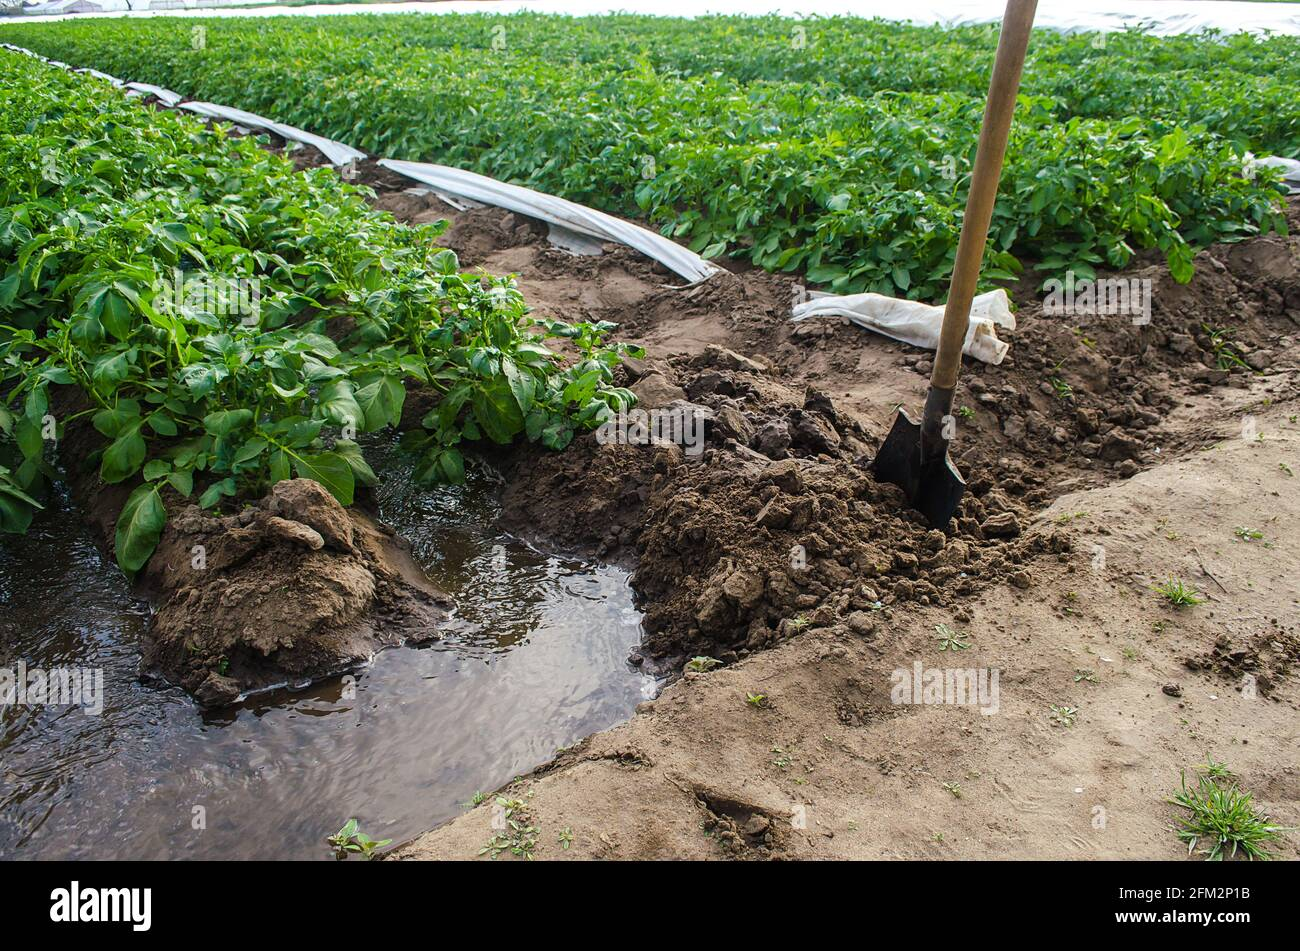 Una corriente de agua a través de un canal arrancado por una pala irriga una plantación de matorrales de patata. La industria agrícola. Cultivando cultivos a principios de primavera Foto de stock